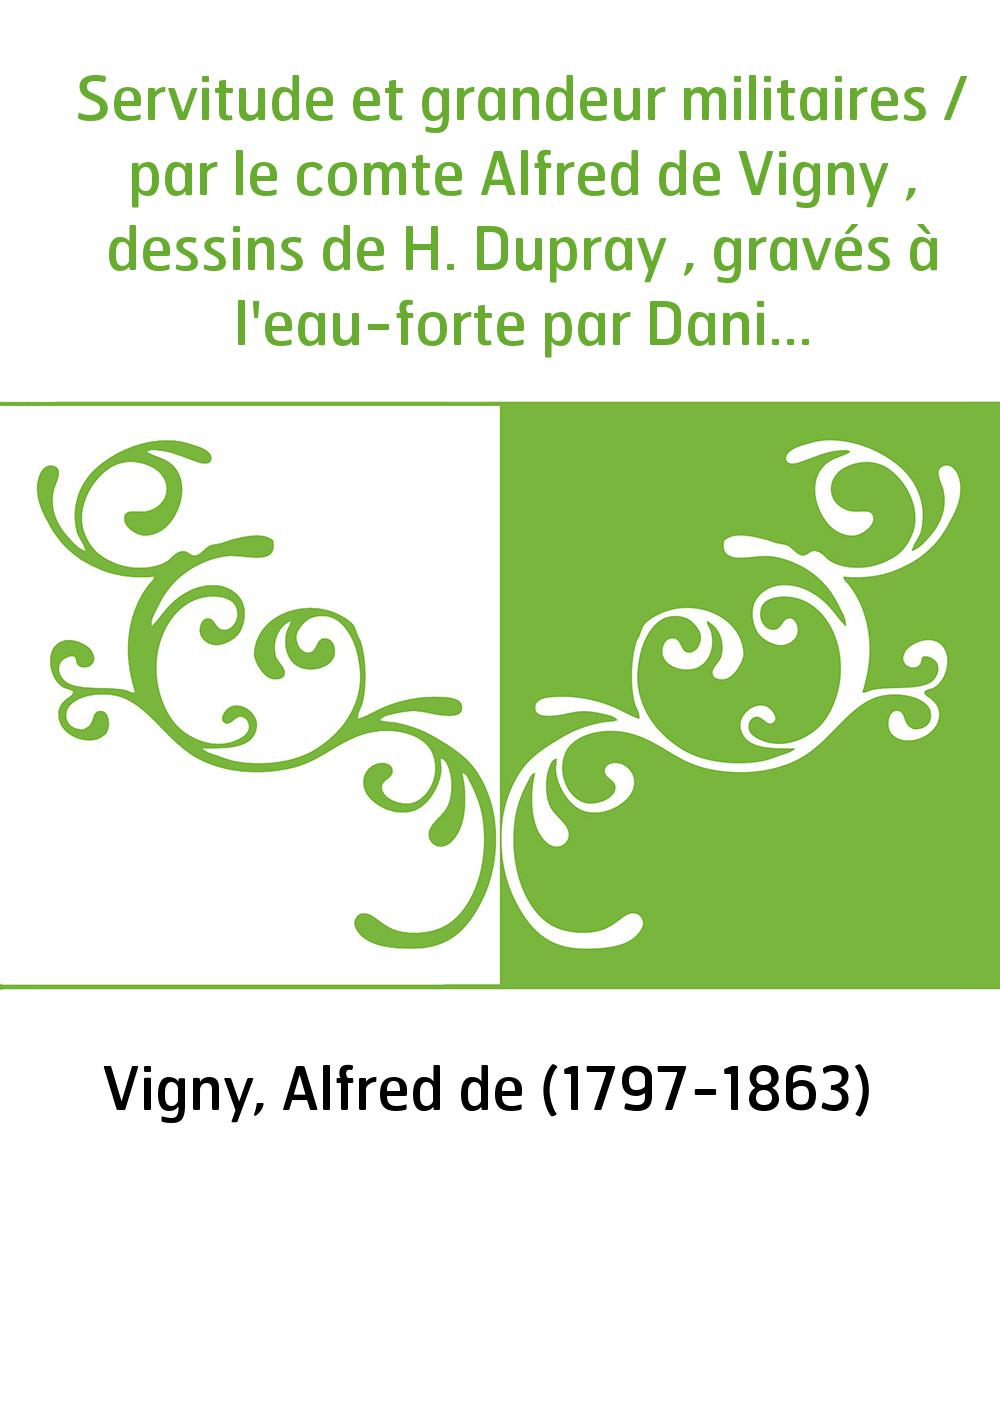 Servitude et grandeur militaires / par le comte Alfred de Vigny , dessins de H. Dupray , gravés à l'eau-forte par Daniel Mordant